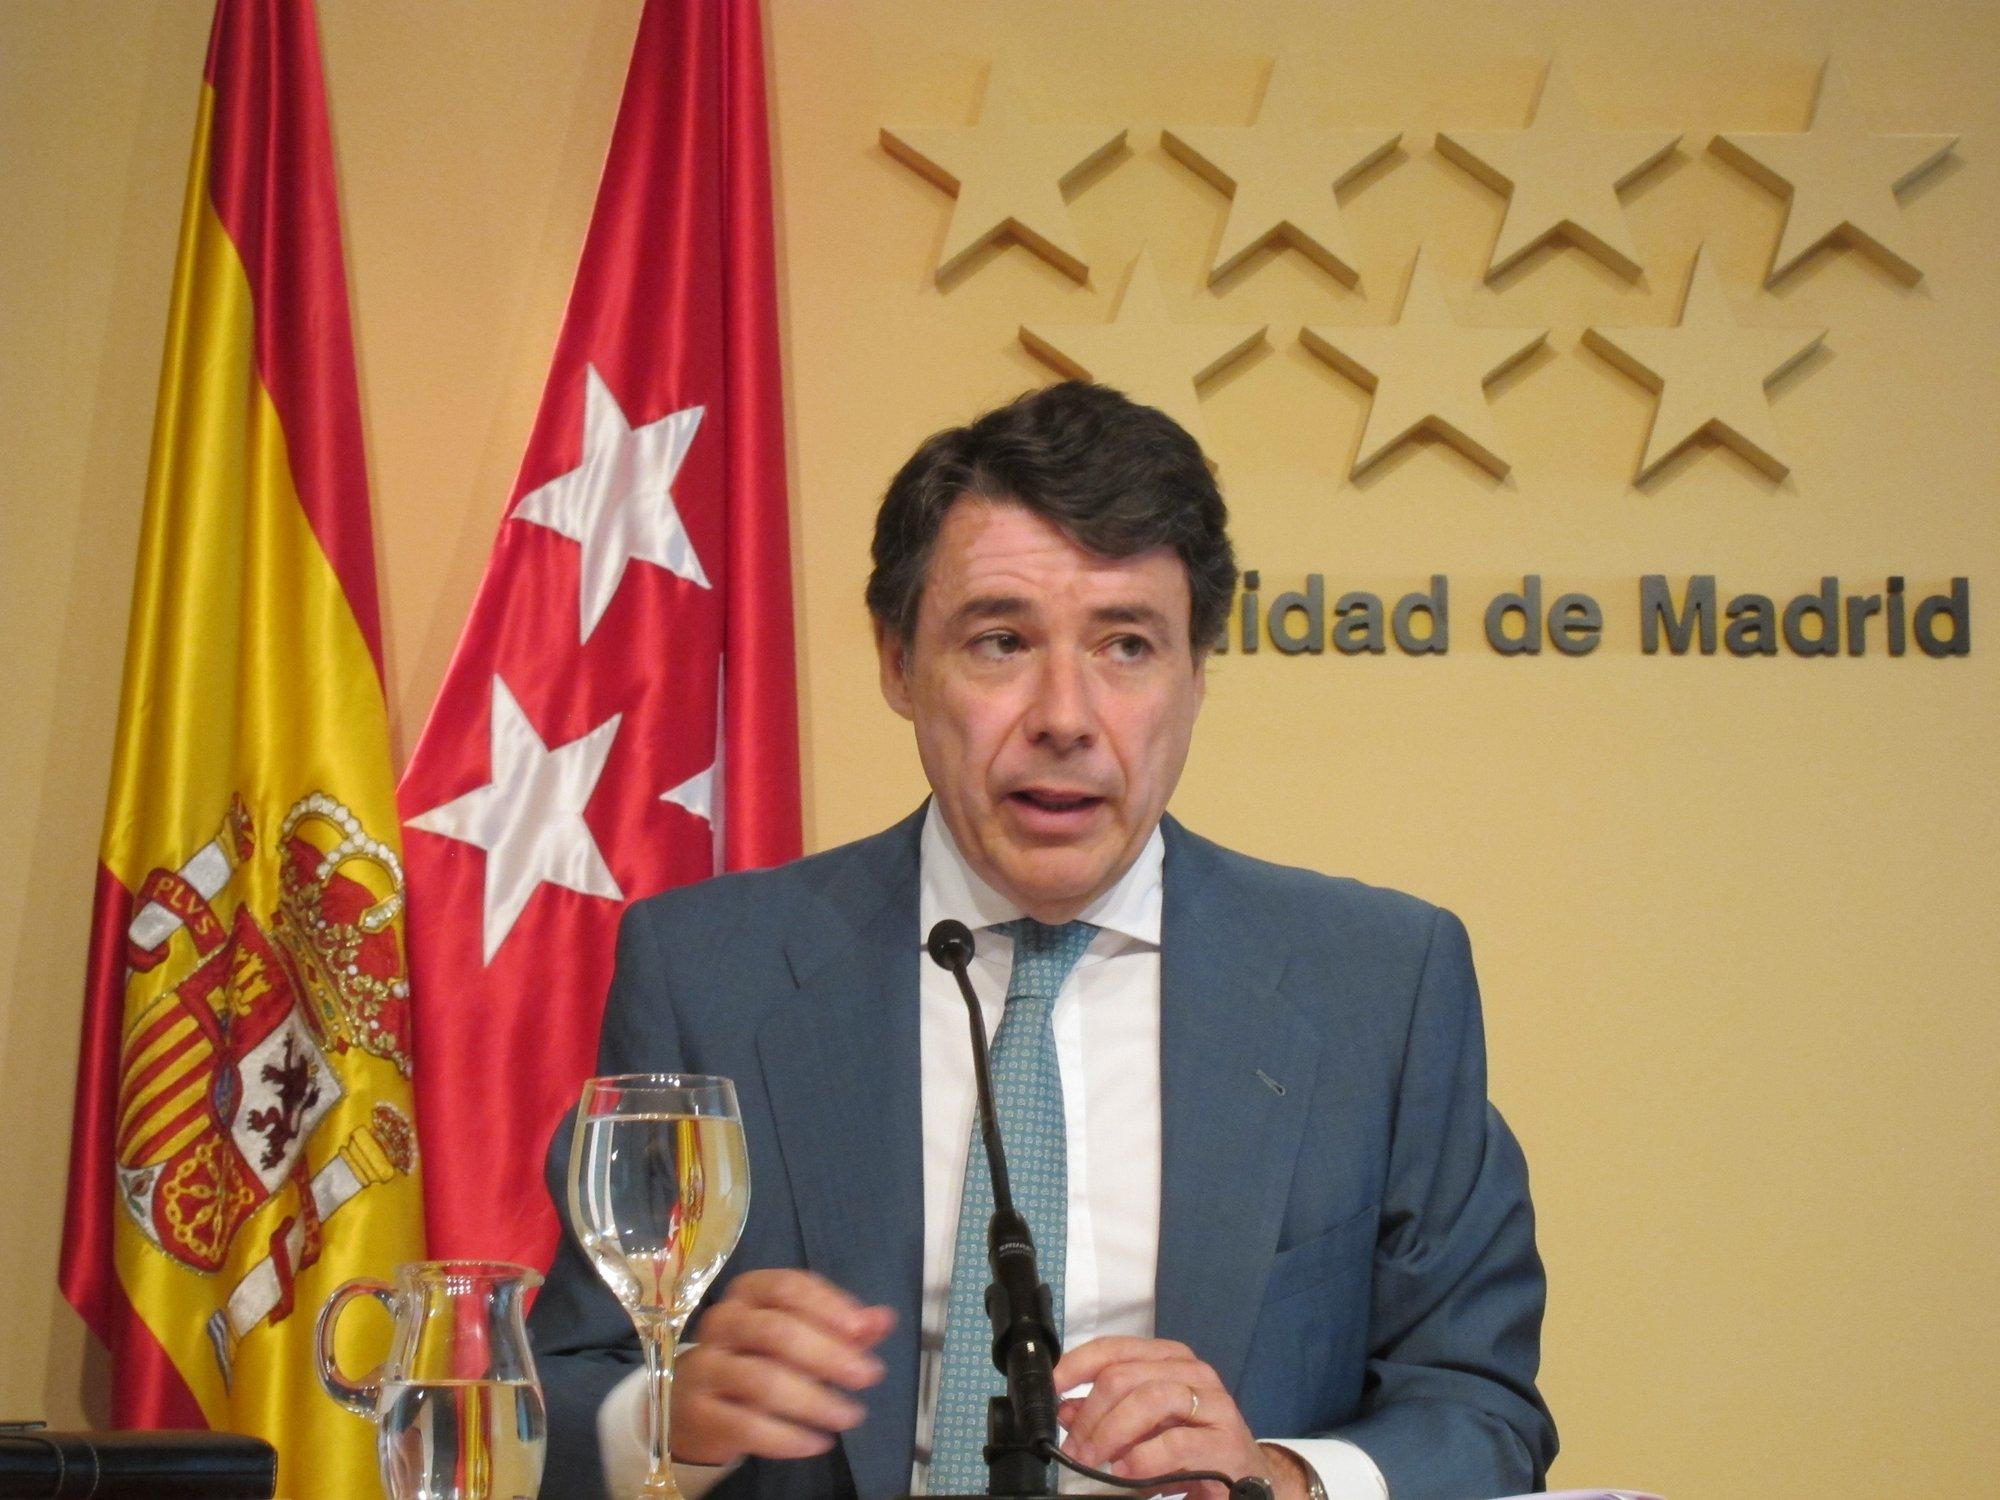 La Comunidad de Madrid cree que este año también cumplirá los objetivos de déficit